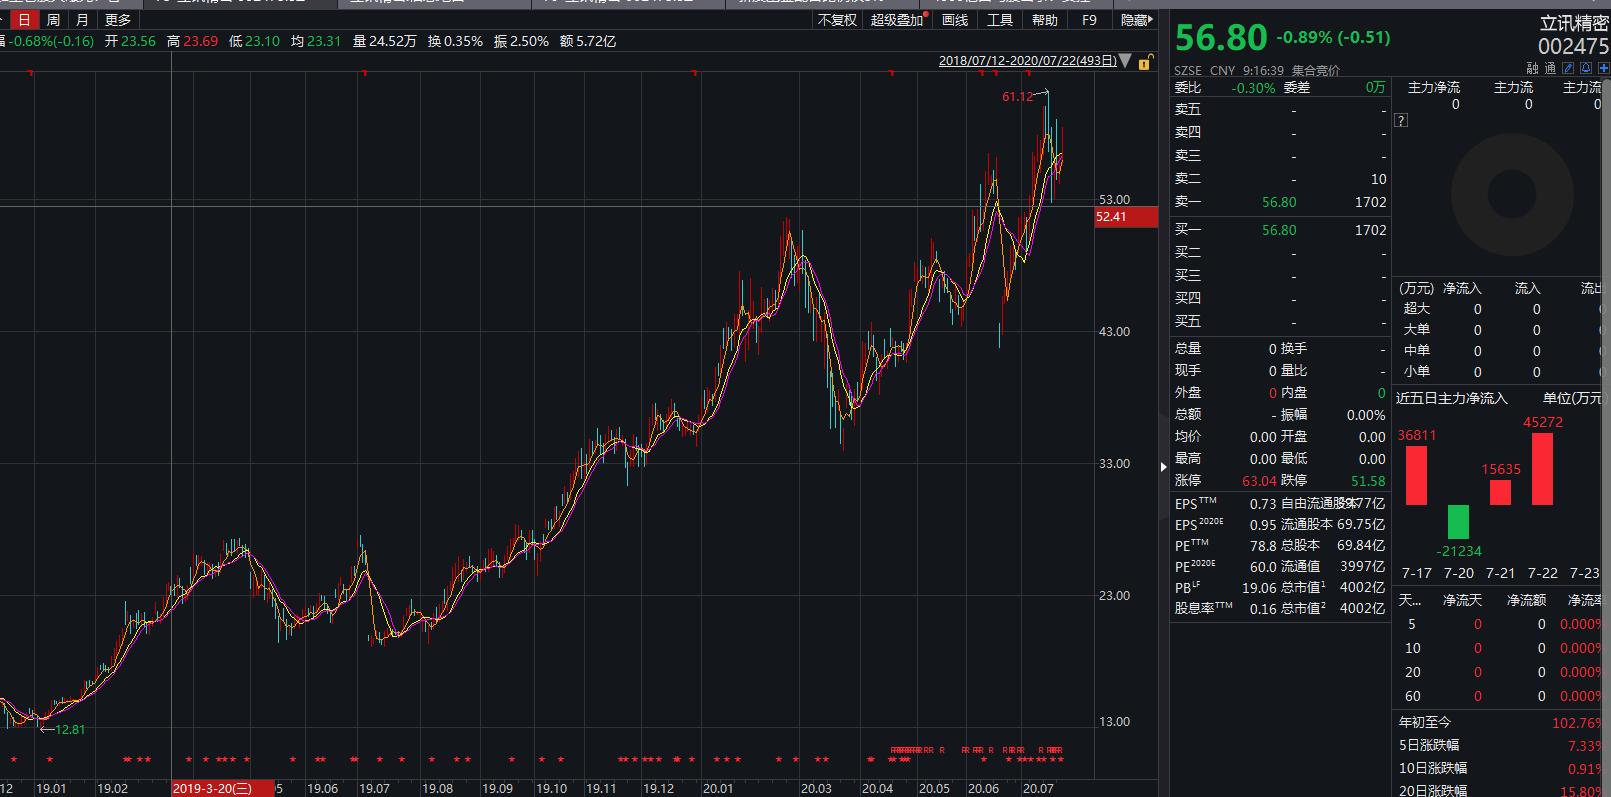 股价暴增600%基金增仓后,立讯精密大股东套现69亿